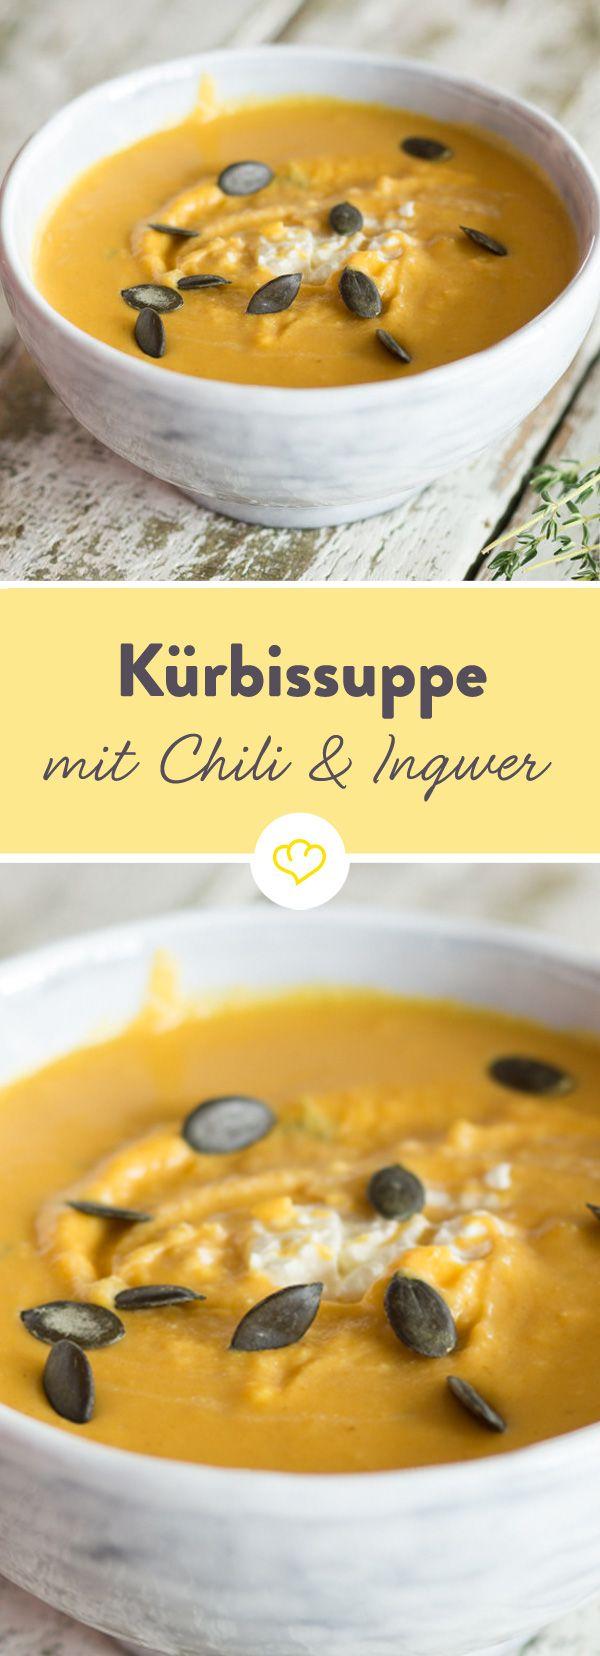 Lust auf cremige Kürbissuppe? Chili und Ingwer verleihen dieser pikanten Variante feine Schärfe. Geröstete Kürbiskerne sorgen für ein wenig Crunch.